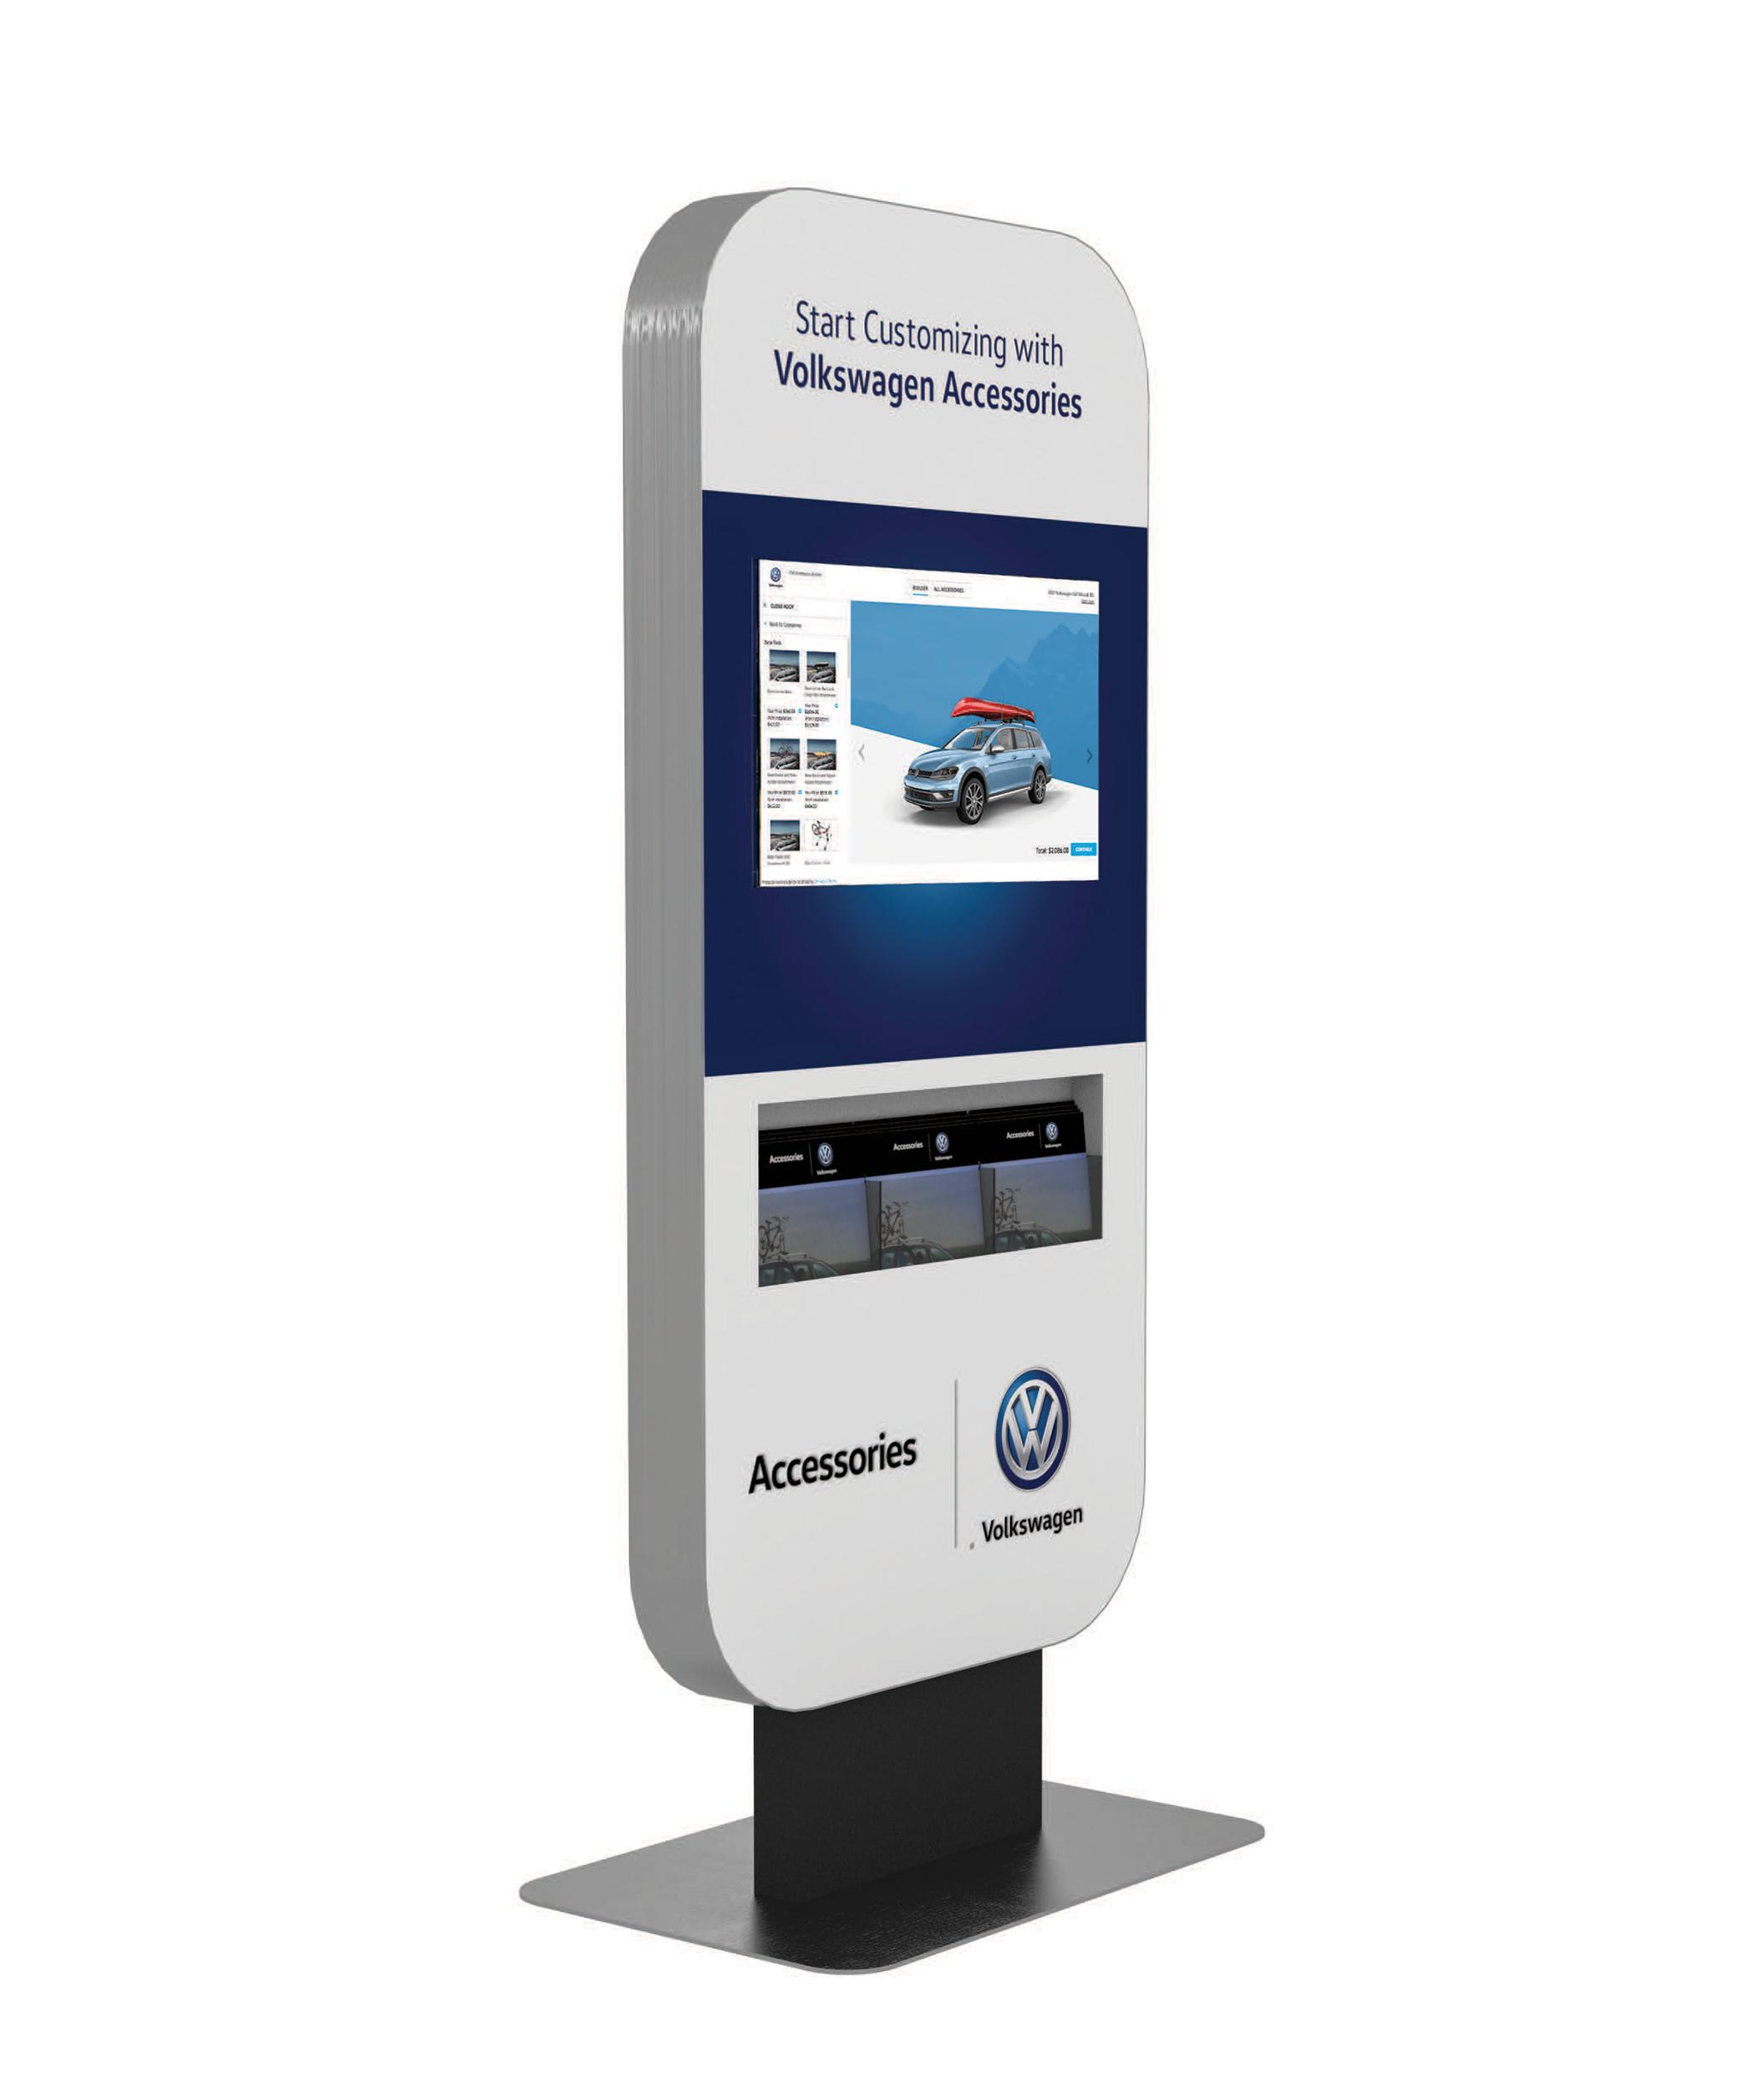 32-inch kiosk